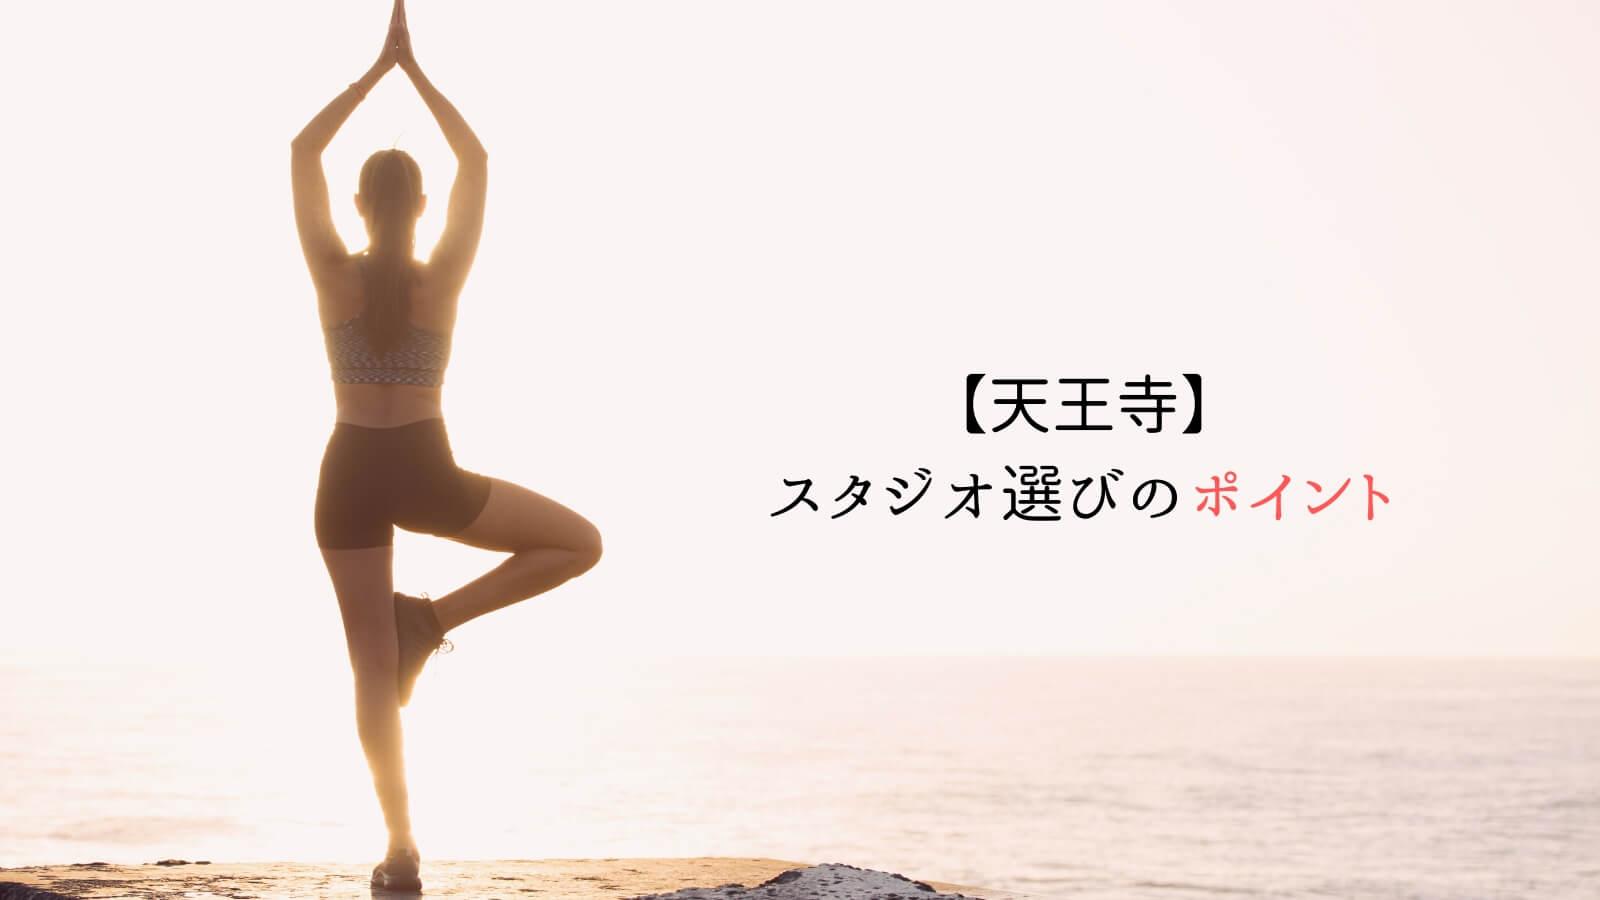 天王寺のヨガ・ピラティススタジオ選びのポイント